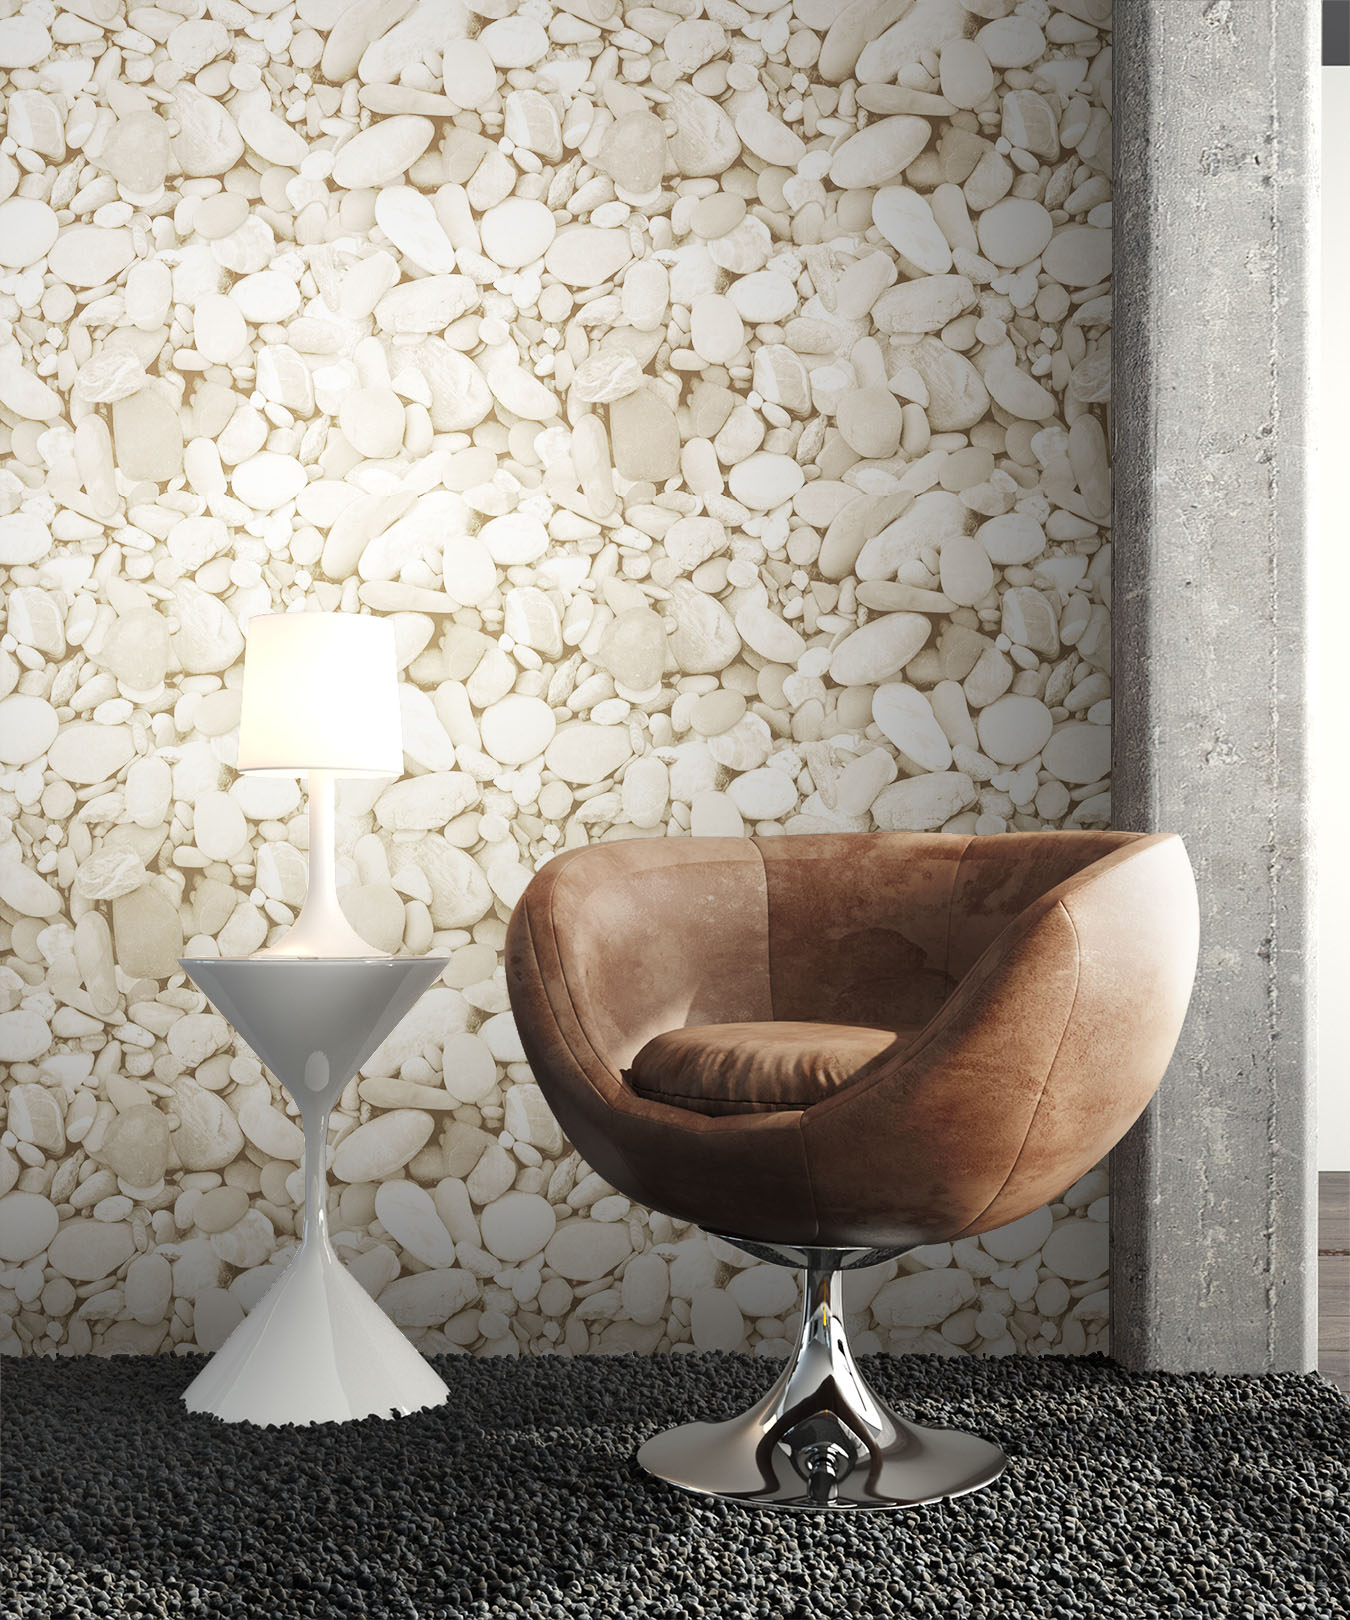 Newroom steintapete beige jung modern vlies beige 3d optik - Steintapete beige ...